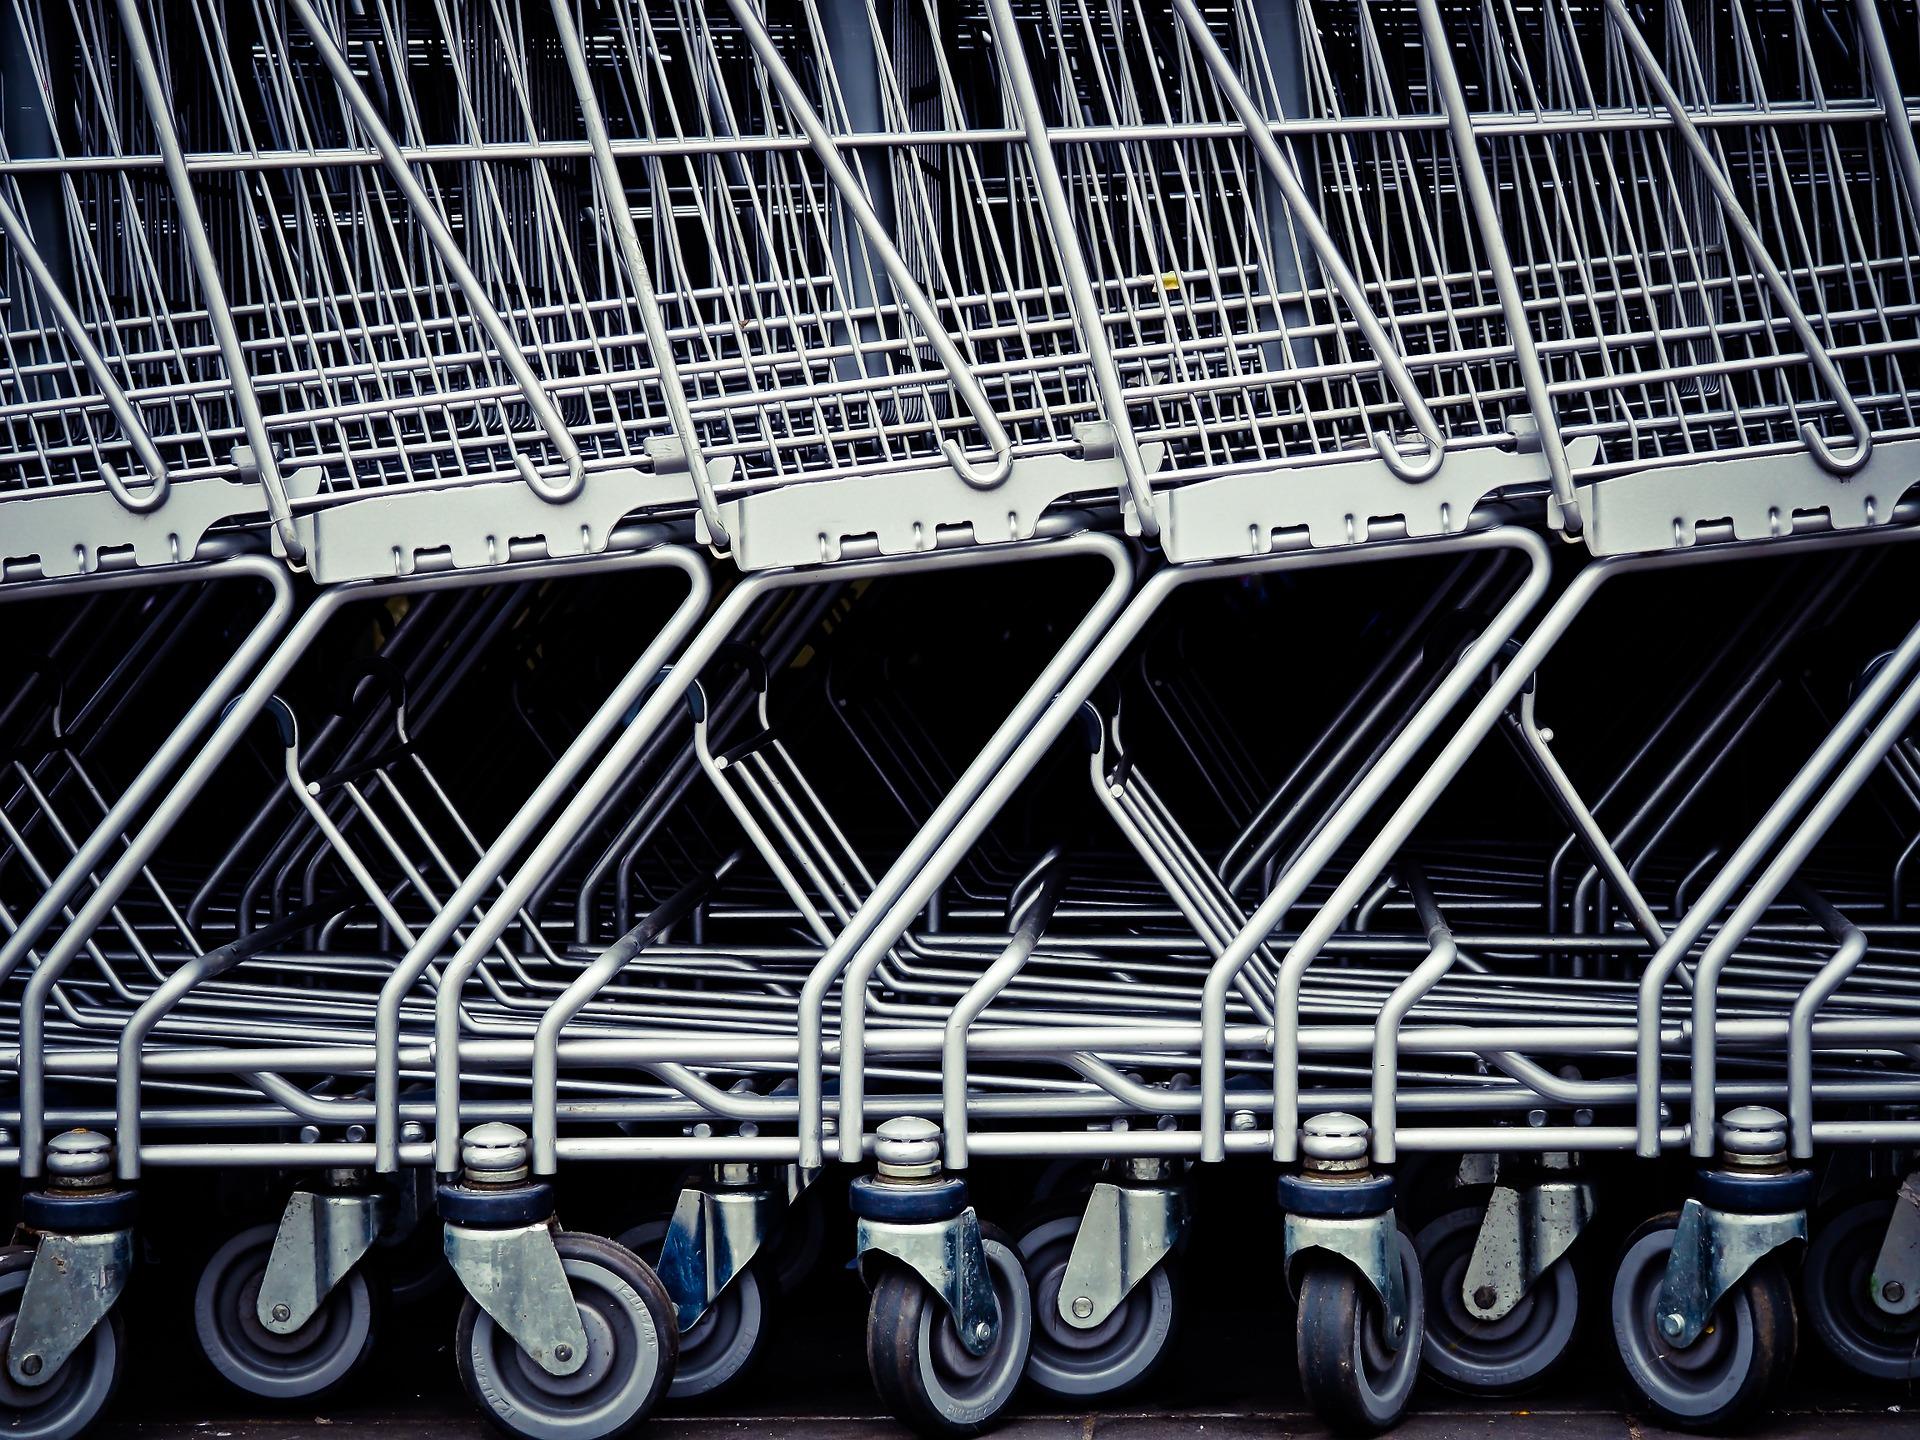 Ograniczenie handlu w niedziele szkodliwe społecznie i ekonomicznie